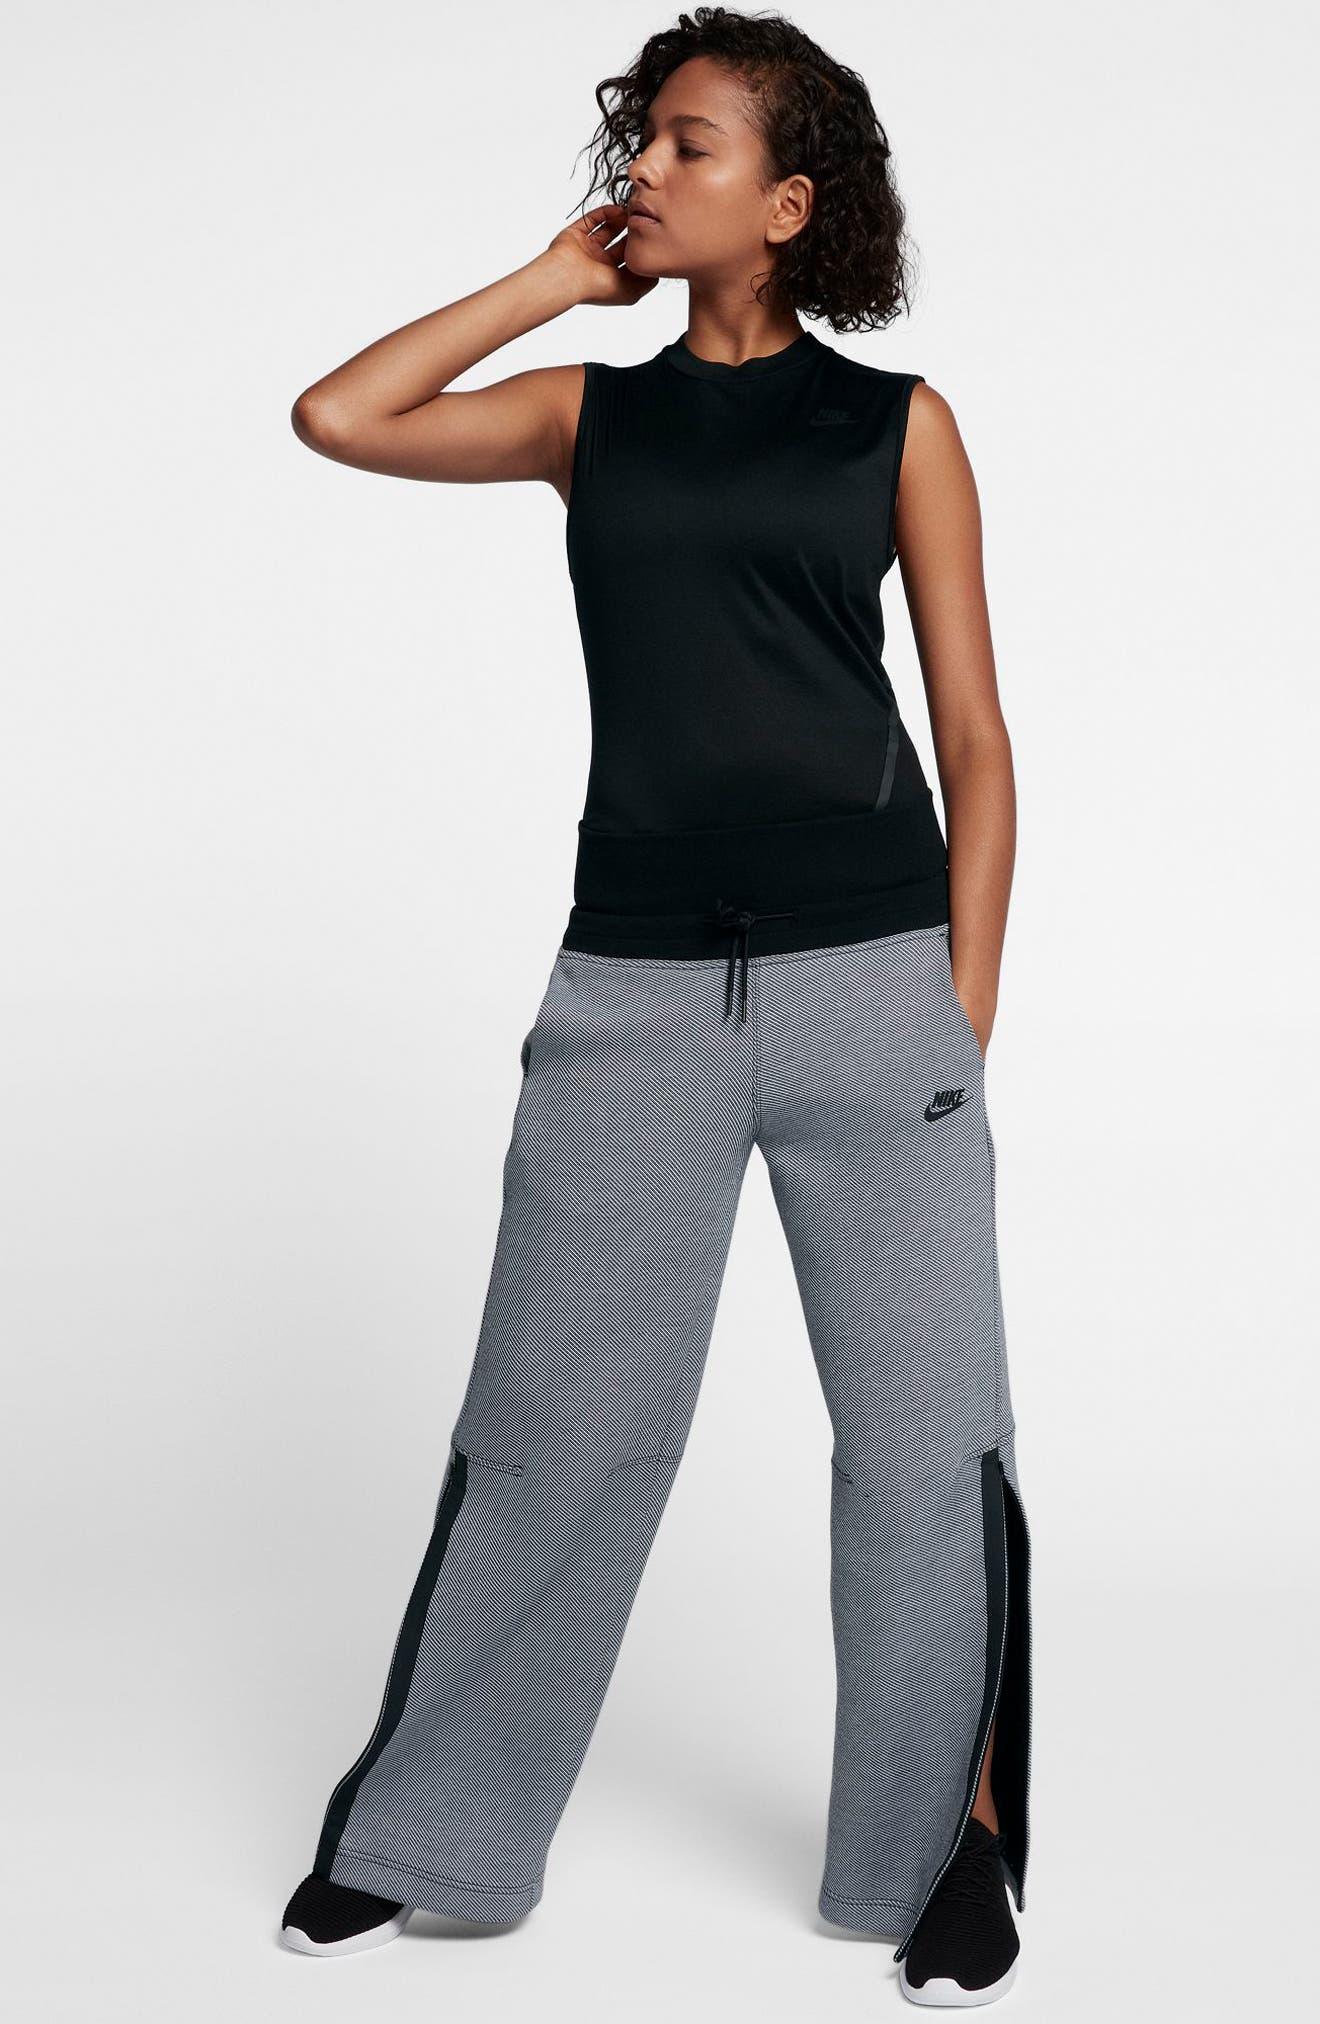 Drawstring Technical Pants,                             Alternate thumbnail 2, color,                             Black/ Black